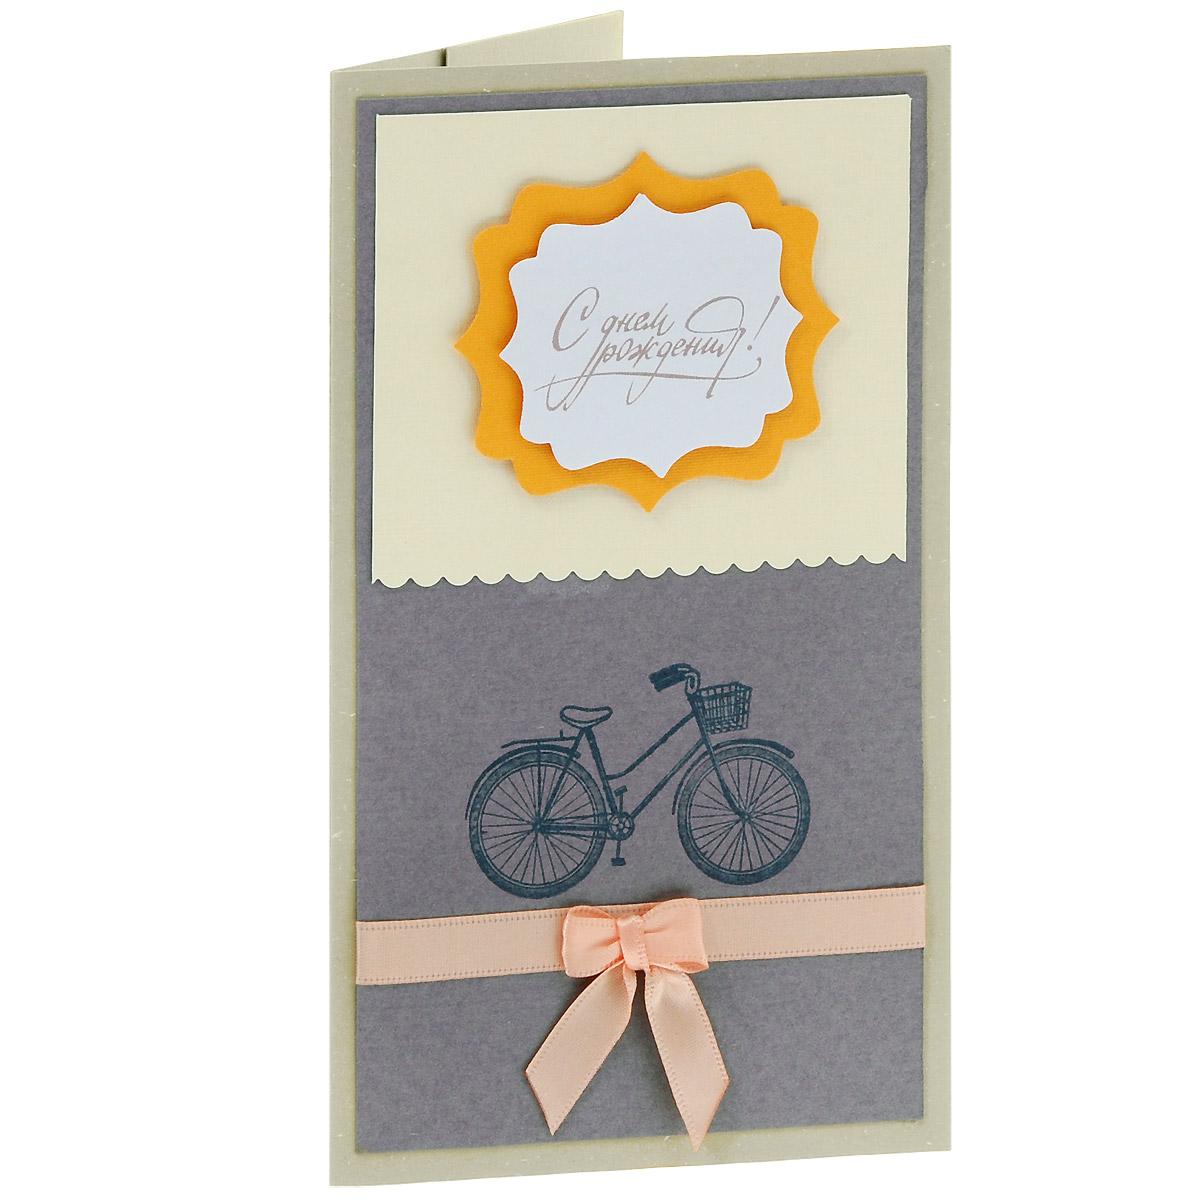 ОЖ-0023 Открытка-конверт «С Днём Рождения!» (велосипед, серо-персиковая). Студия «Тётя Роза»798556Характеристики: Размер 19 см x 11 см.Материал: Высоко-художественный картон, бумага, декор. Данная открытка может стать как прекрасным дополнением к вашему подарку, так и самостоятельным подарком. Так как открытка является и конвертом, в который вы можете вложить ваш денежный подарок или просто написать ваши пожелания на вкладыше. Сдержанная, но очень стильная открытка выполнена в благородных серо-охристых тонах. Центральная надпись располагается на изящной фигурной табличке, послойно поднимающейся над общим фоном лицевой части. Милый персиковый бант из атласной ленты завершает композицию. Также открытка упакована в пакетик для сохранности.Обращаем Ваше внимание на то, что открытка может незначительно отличаться от представленной на фото.Открытки ручной работы от студии Тётя Роза отличаются своим неповторимым и ярким стилем. Каждая уникальна и выполнена вручную мастерами студии. (Открытка для мужчин, открытка для женщины, открытка на день рождения, открытка с днем свадьбы, открытка винтаж, открытка с юбилеем, открытка на все случаи, скрапбукинг)